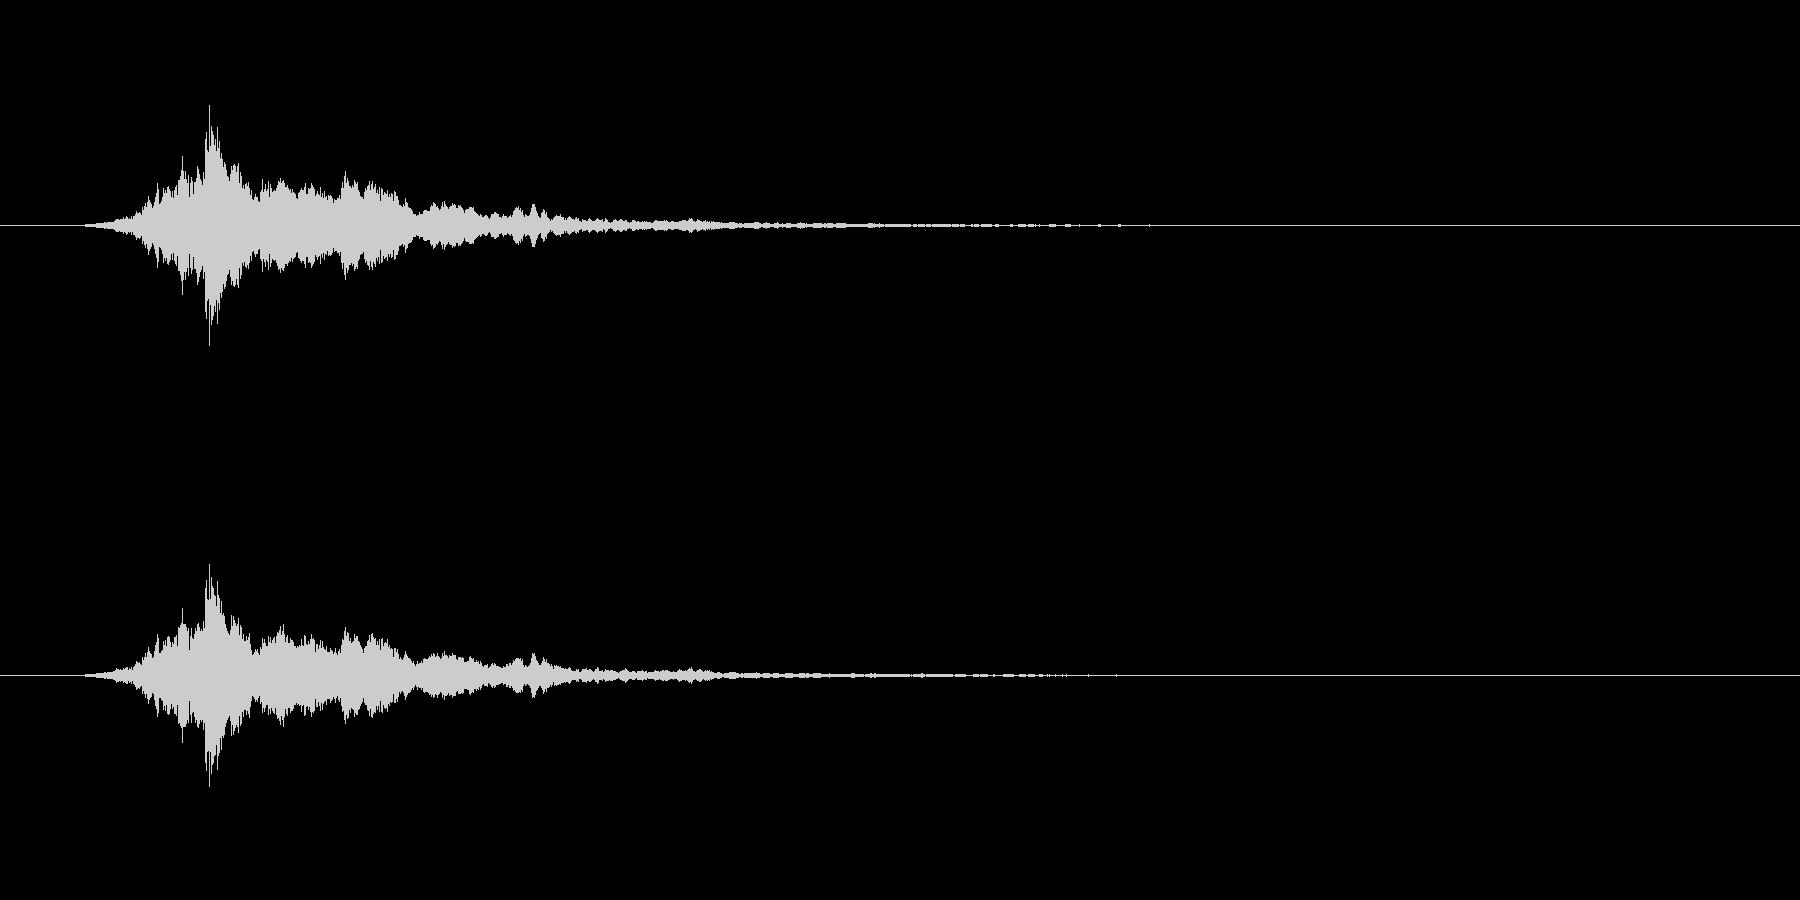 【アクセント12-1】の未再生の波形